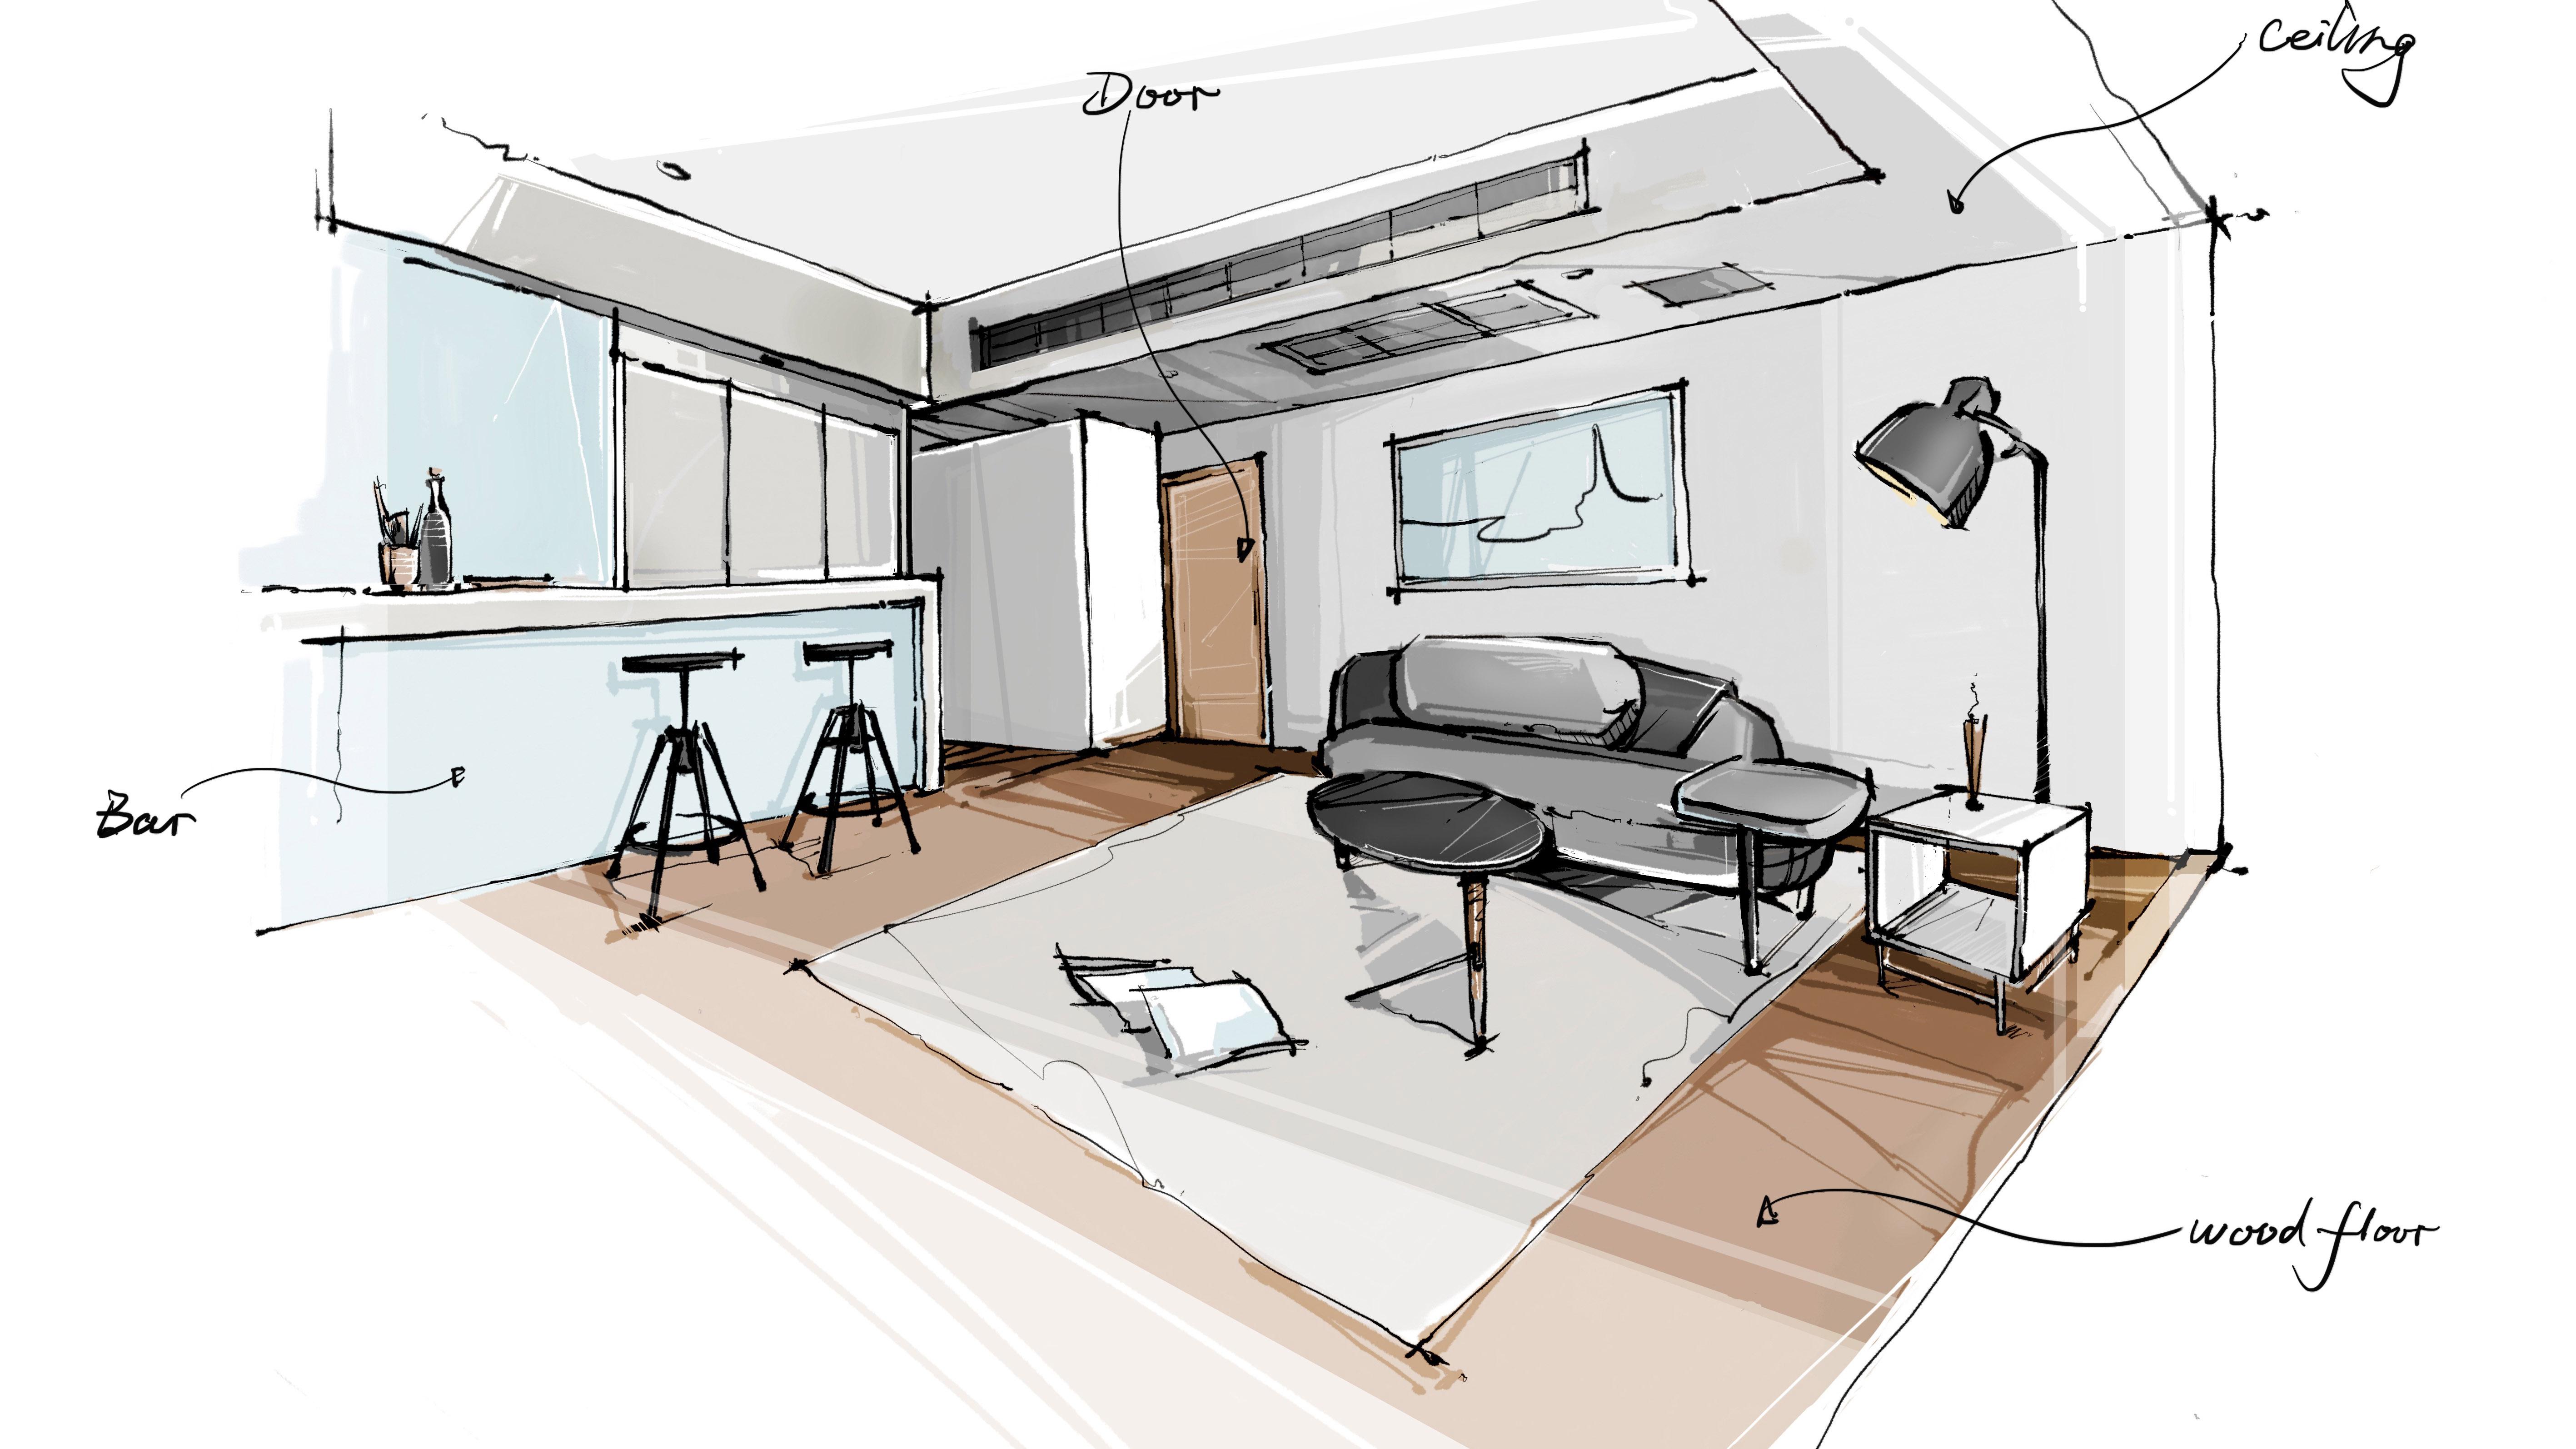 成都元太设计 | 房子可以租来,但生活的梦想谁也带不走